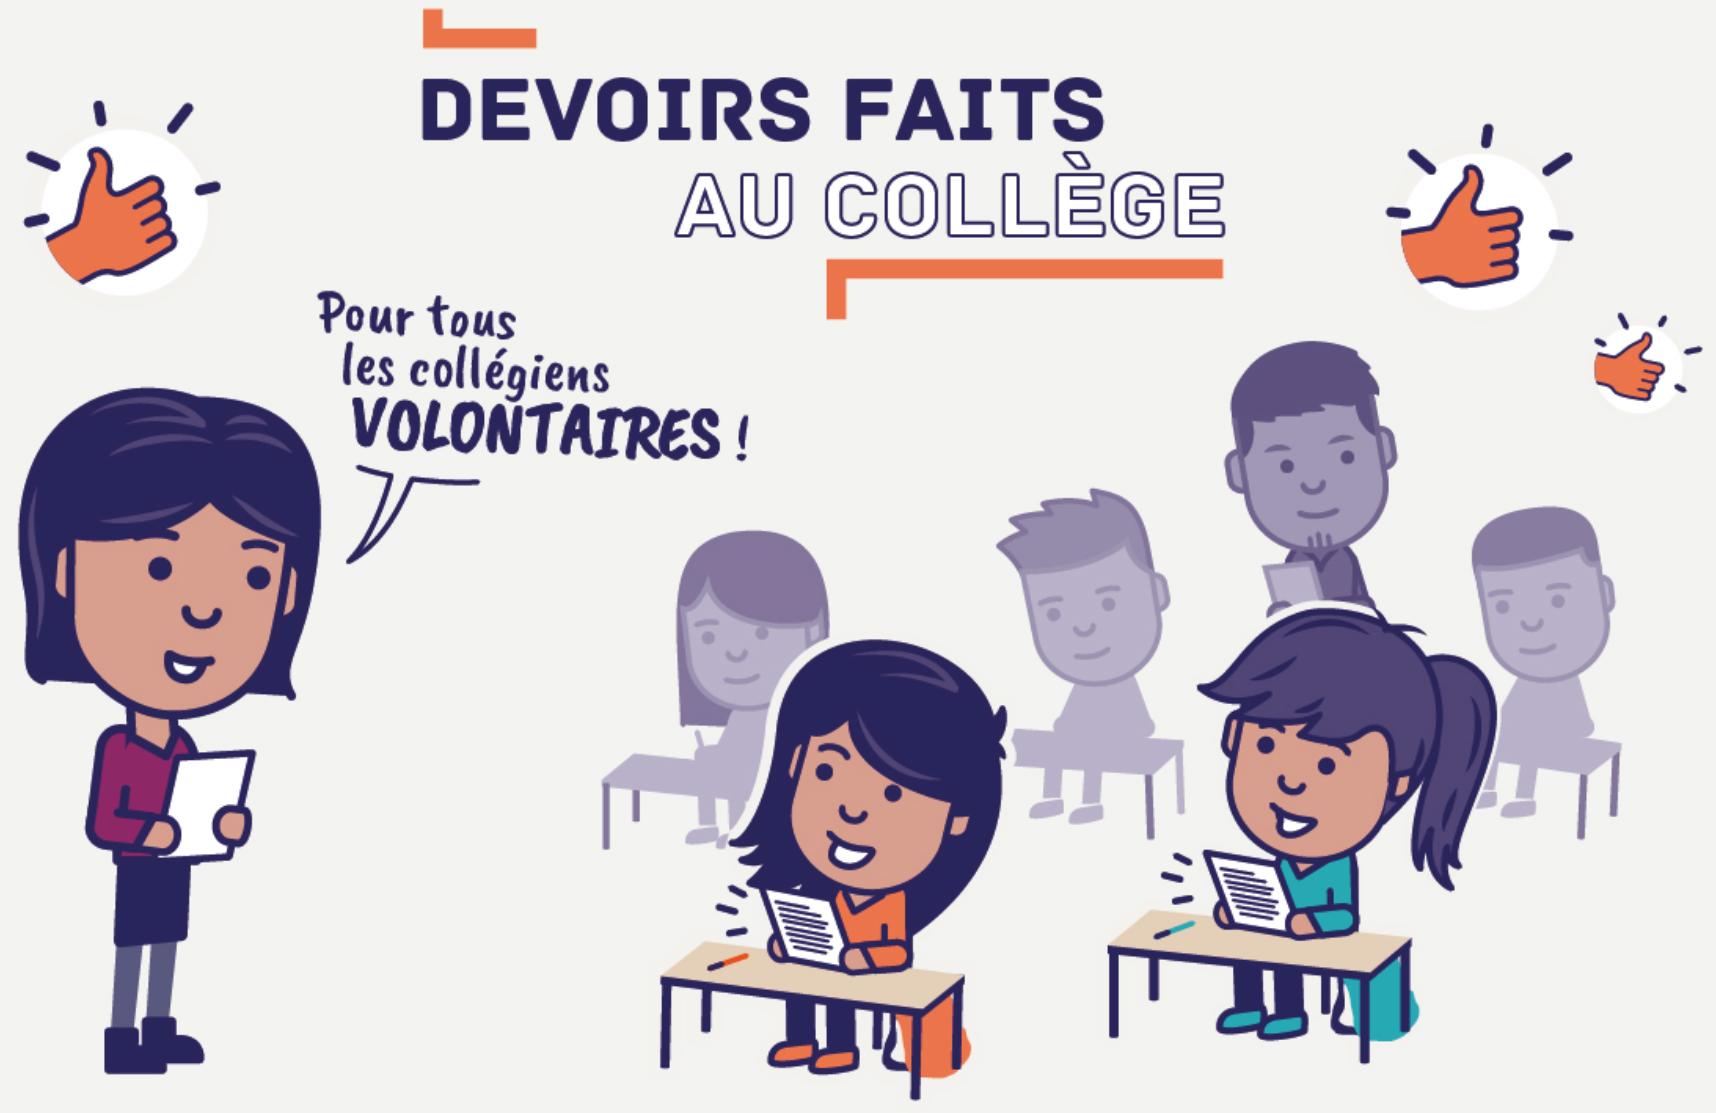 dane_devoirs_faits.png